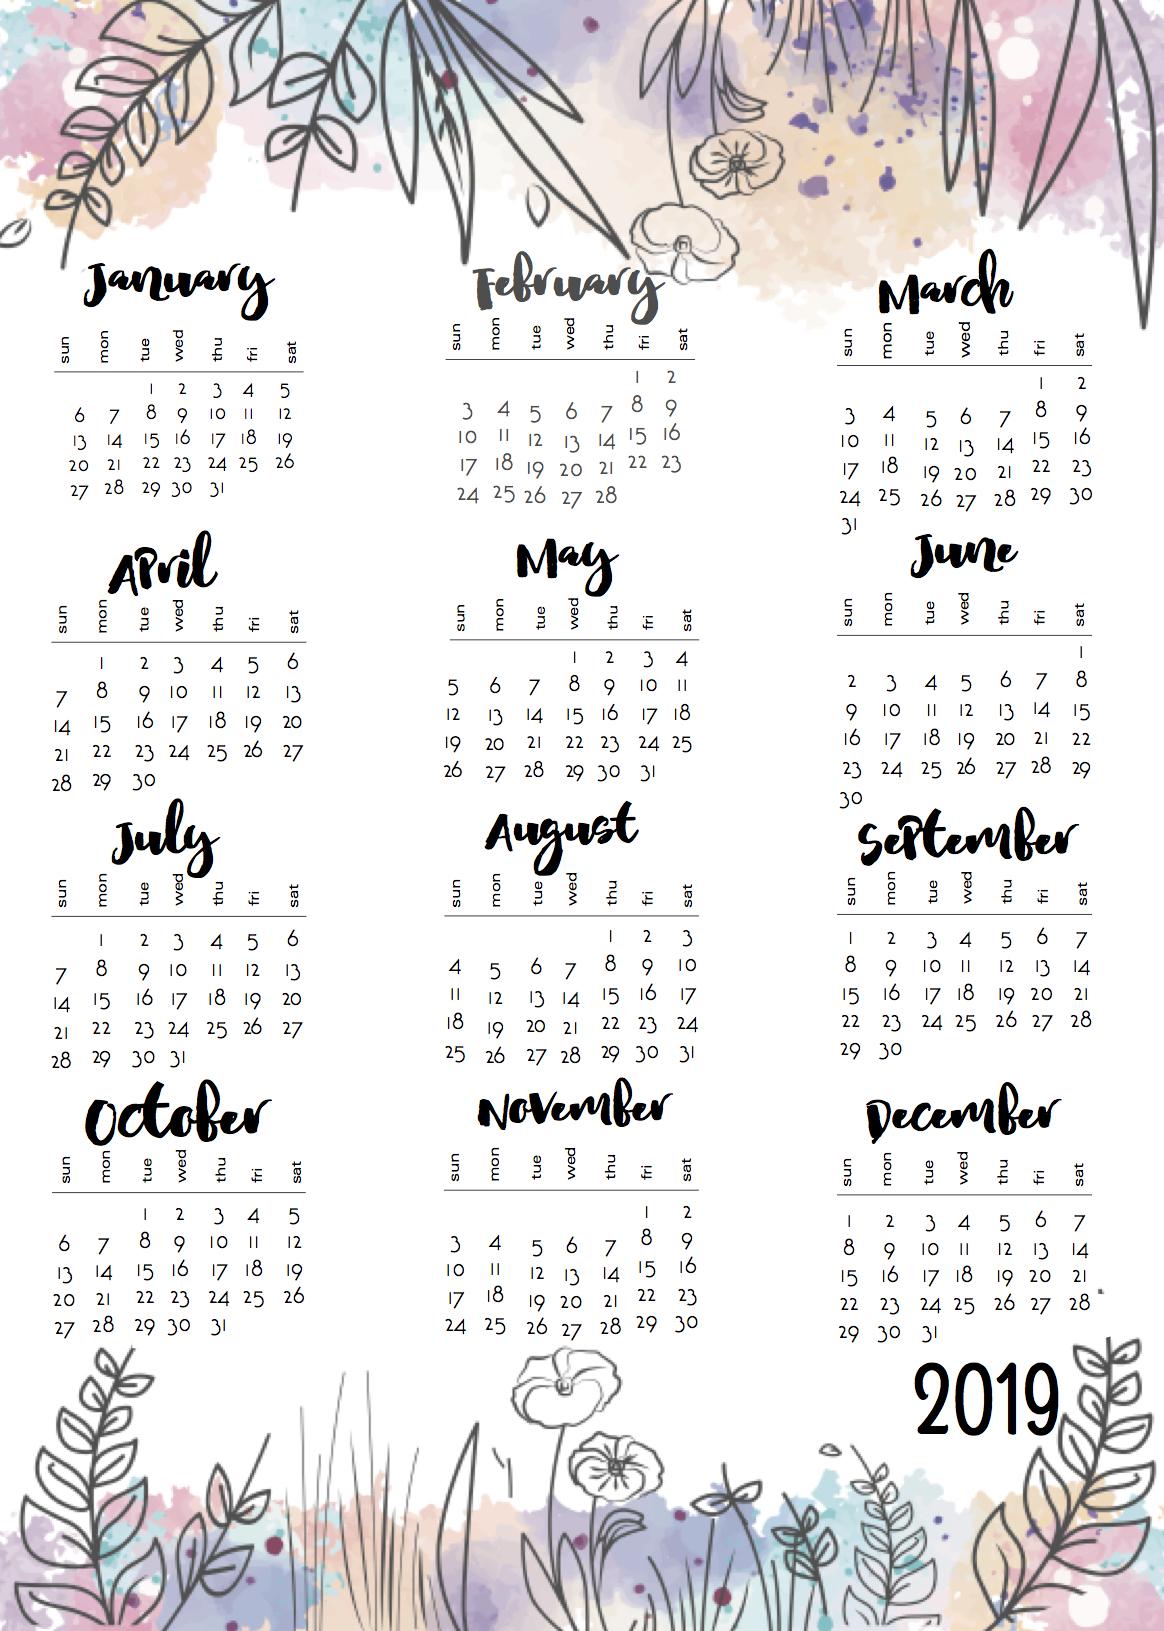 One Sheet Calendar 2019 - Yeter.wpart.co